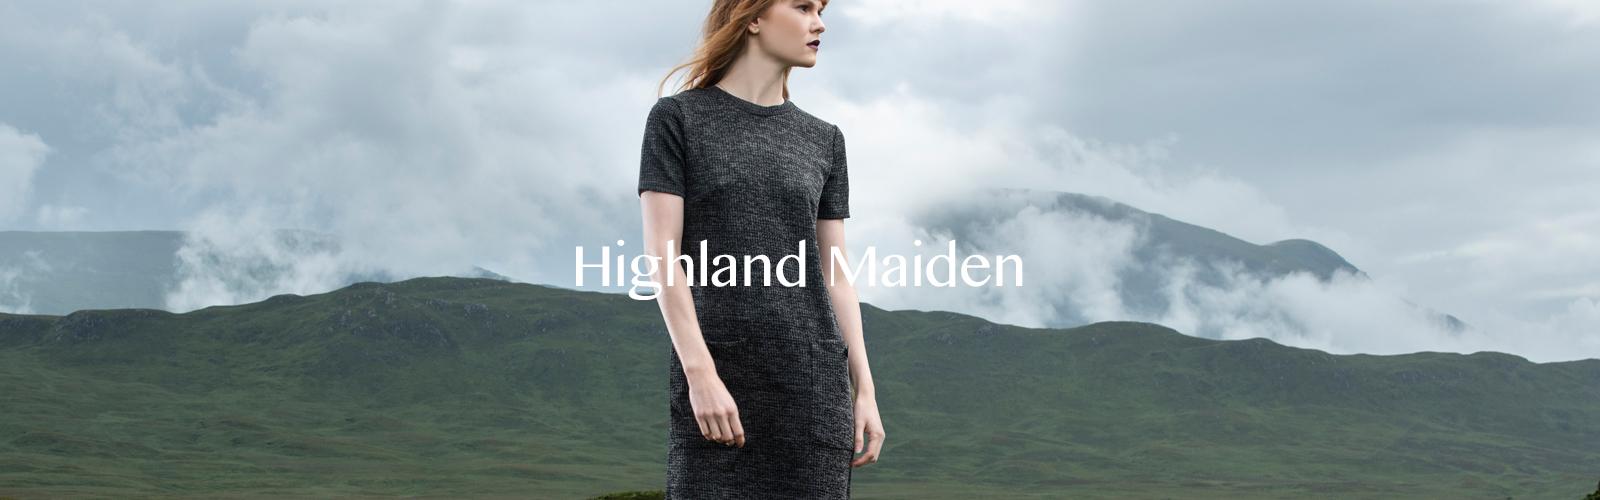 Highland-Maiden-header-with-text